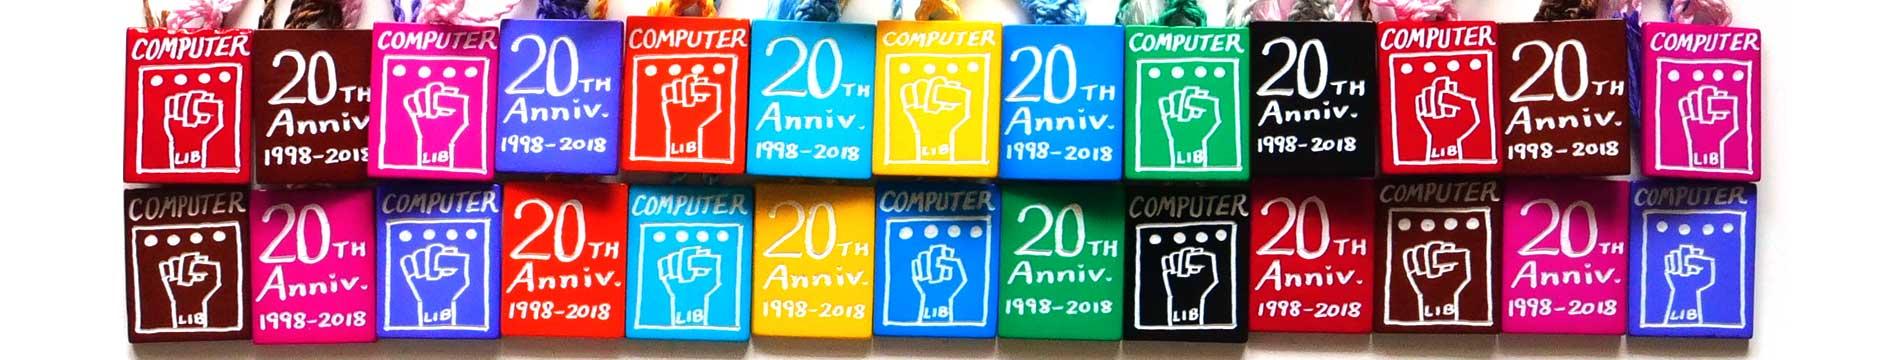 やさしくデジタル 株式会社コンピュータリブ 1998-2018